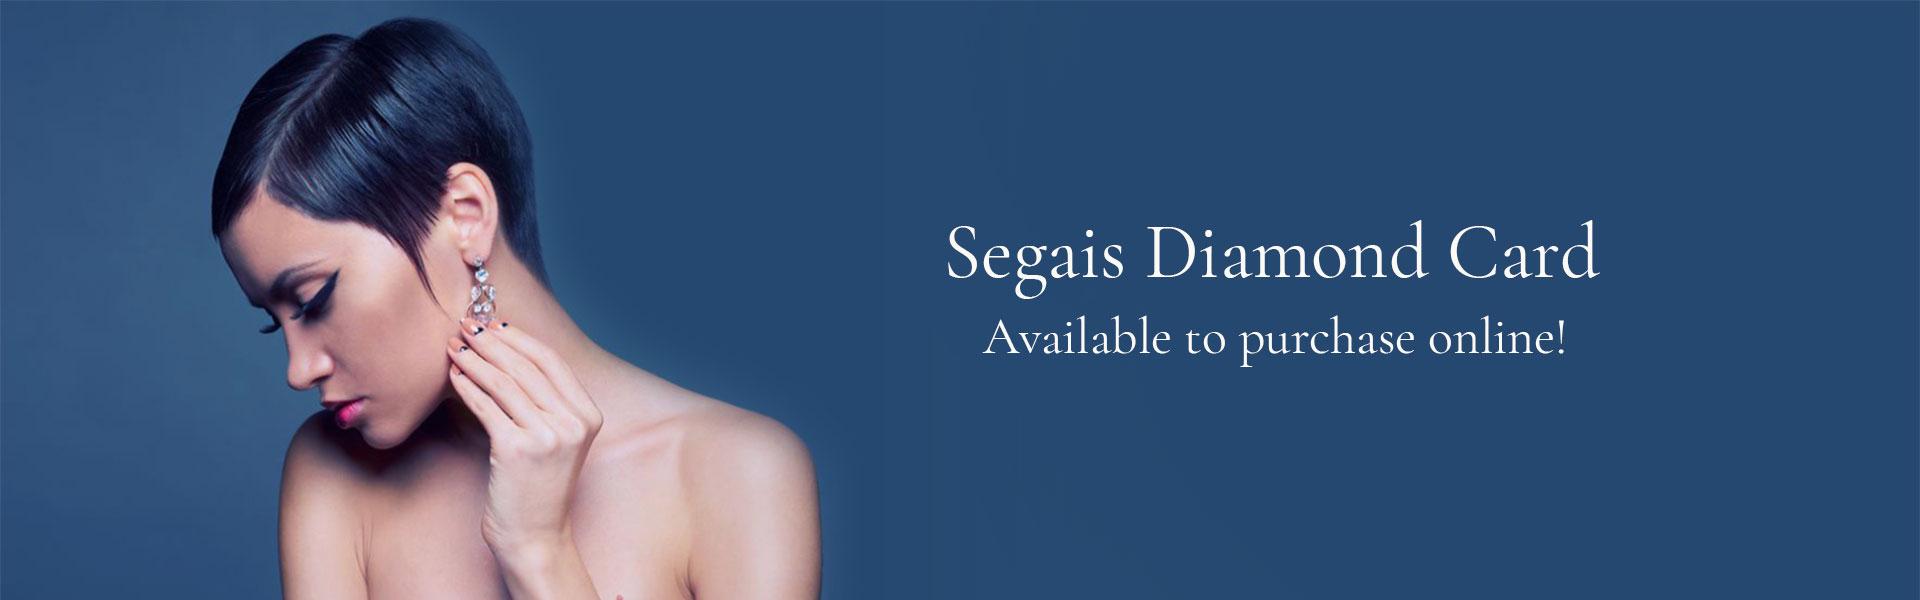 Segais Diamond Card at Segais online shop Didcot & Wantage Beauty Salons